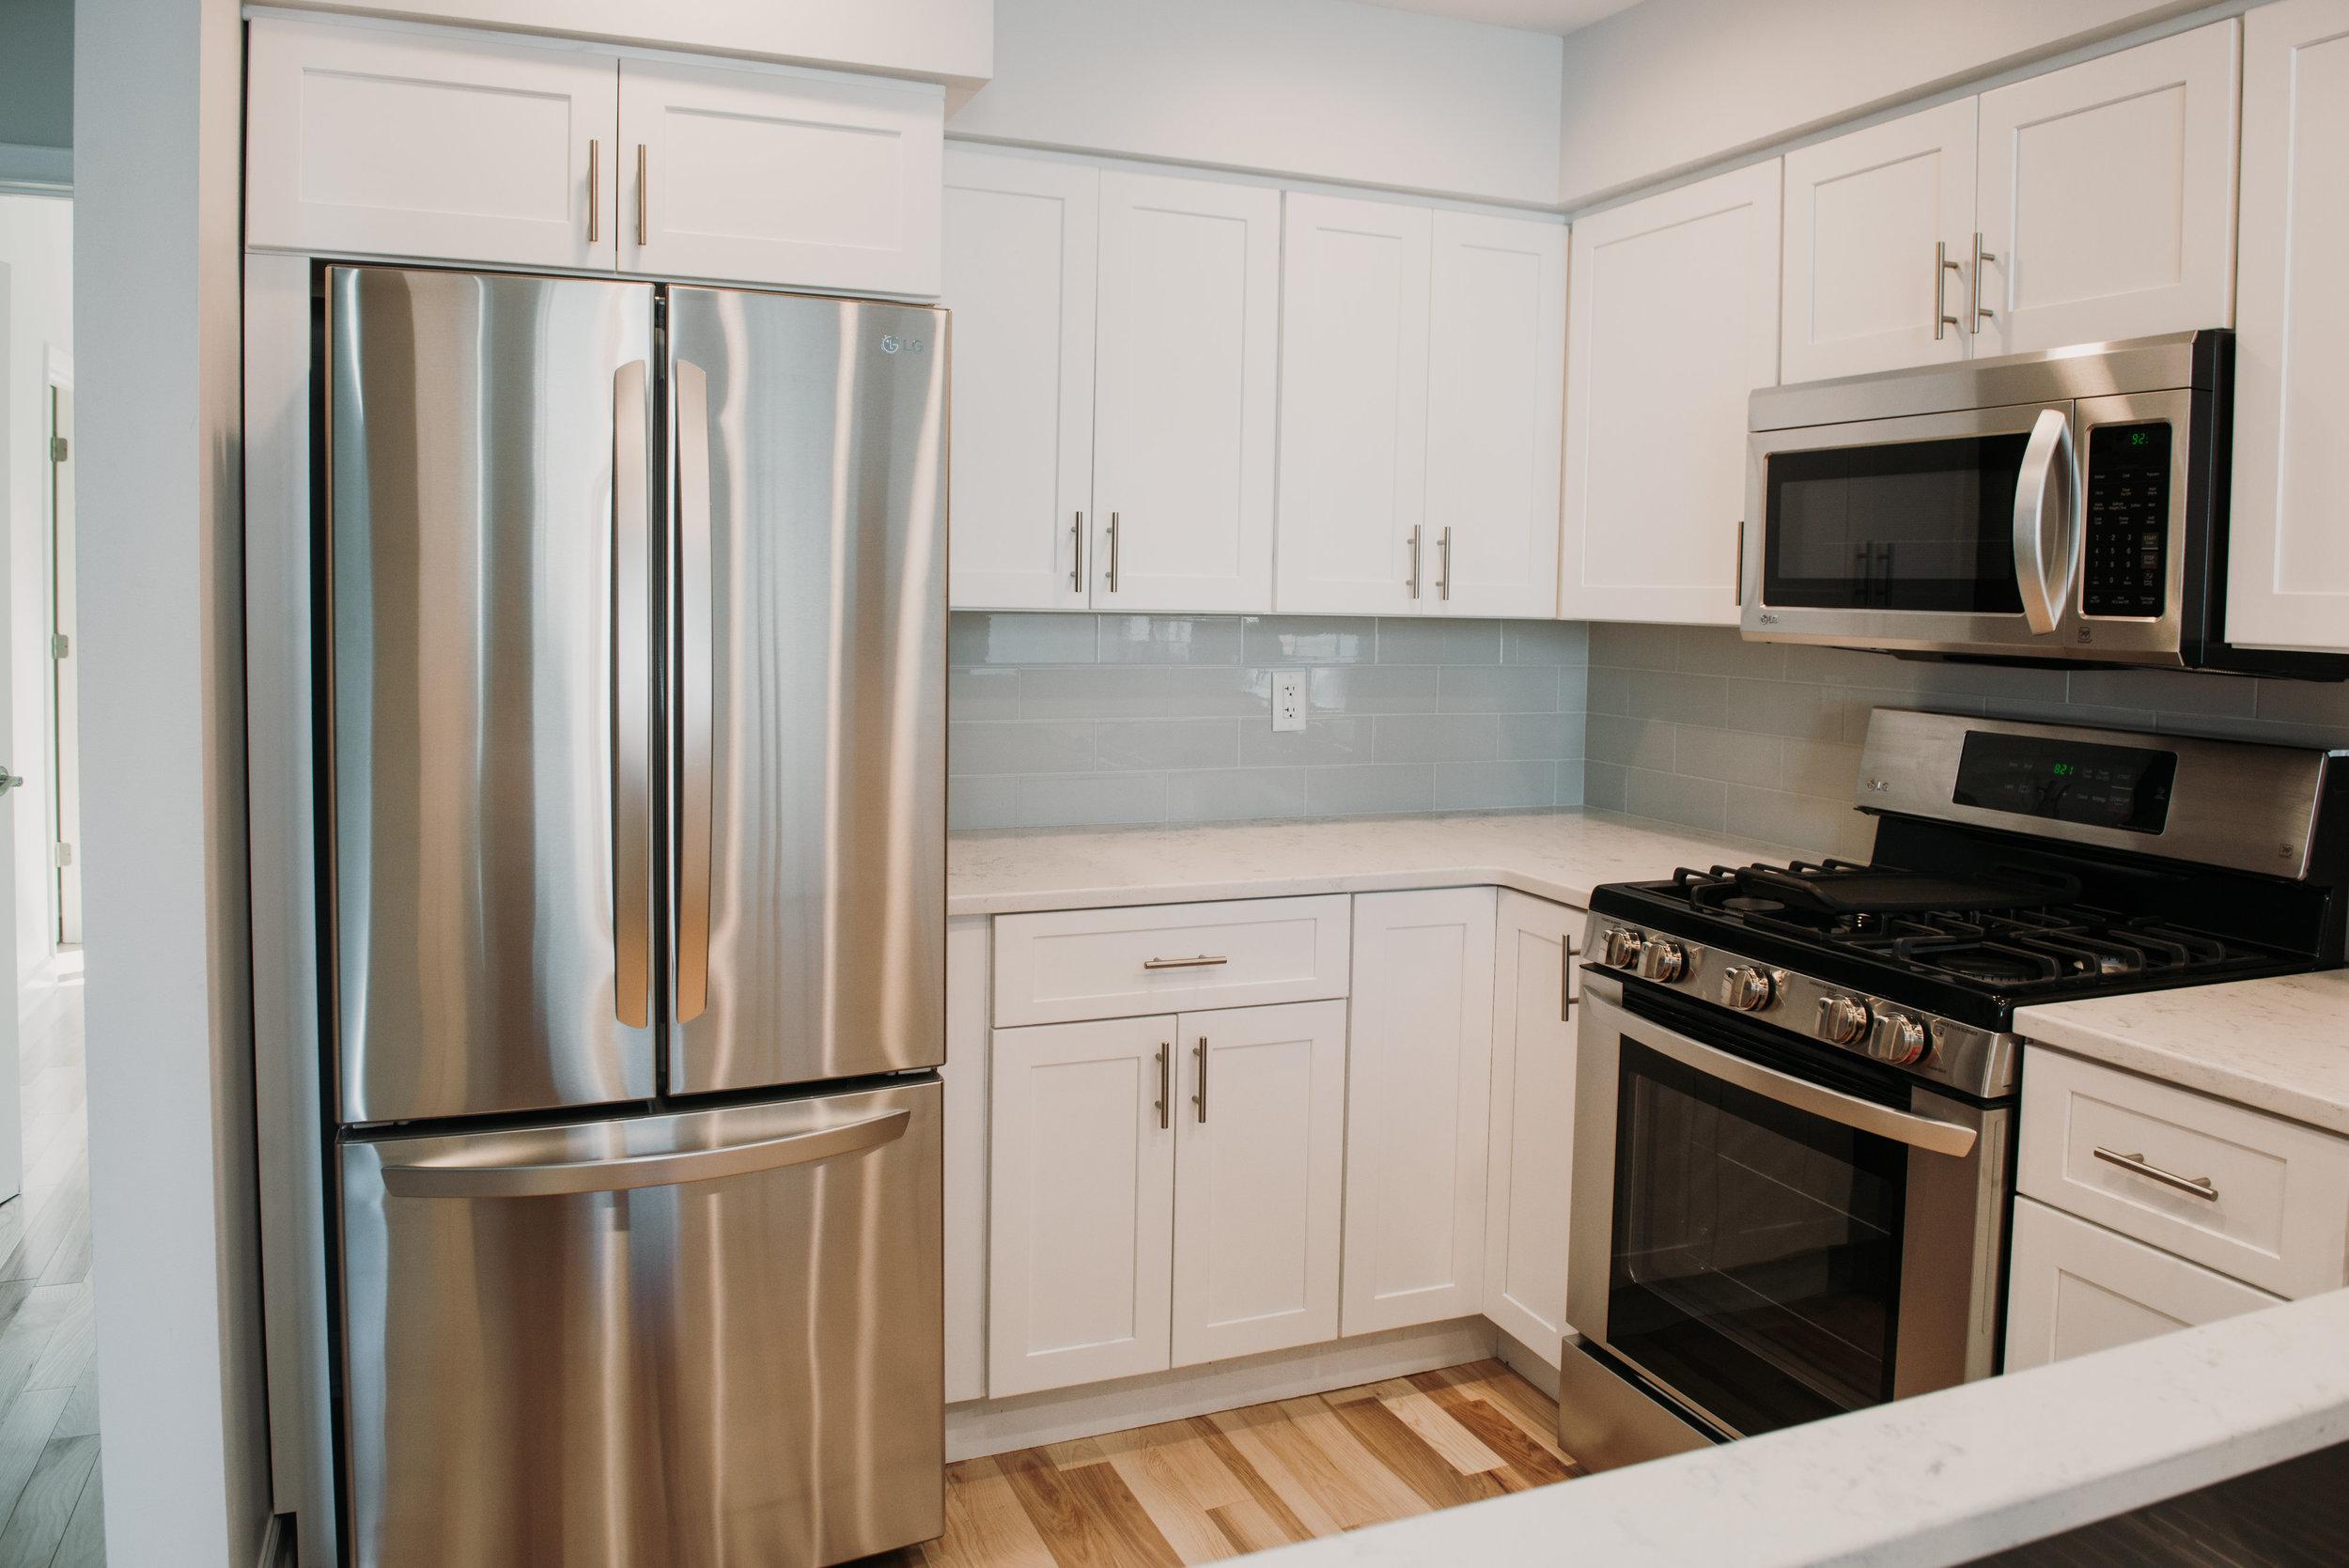 White Kitchen Cabinets in Buffalo, NY